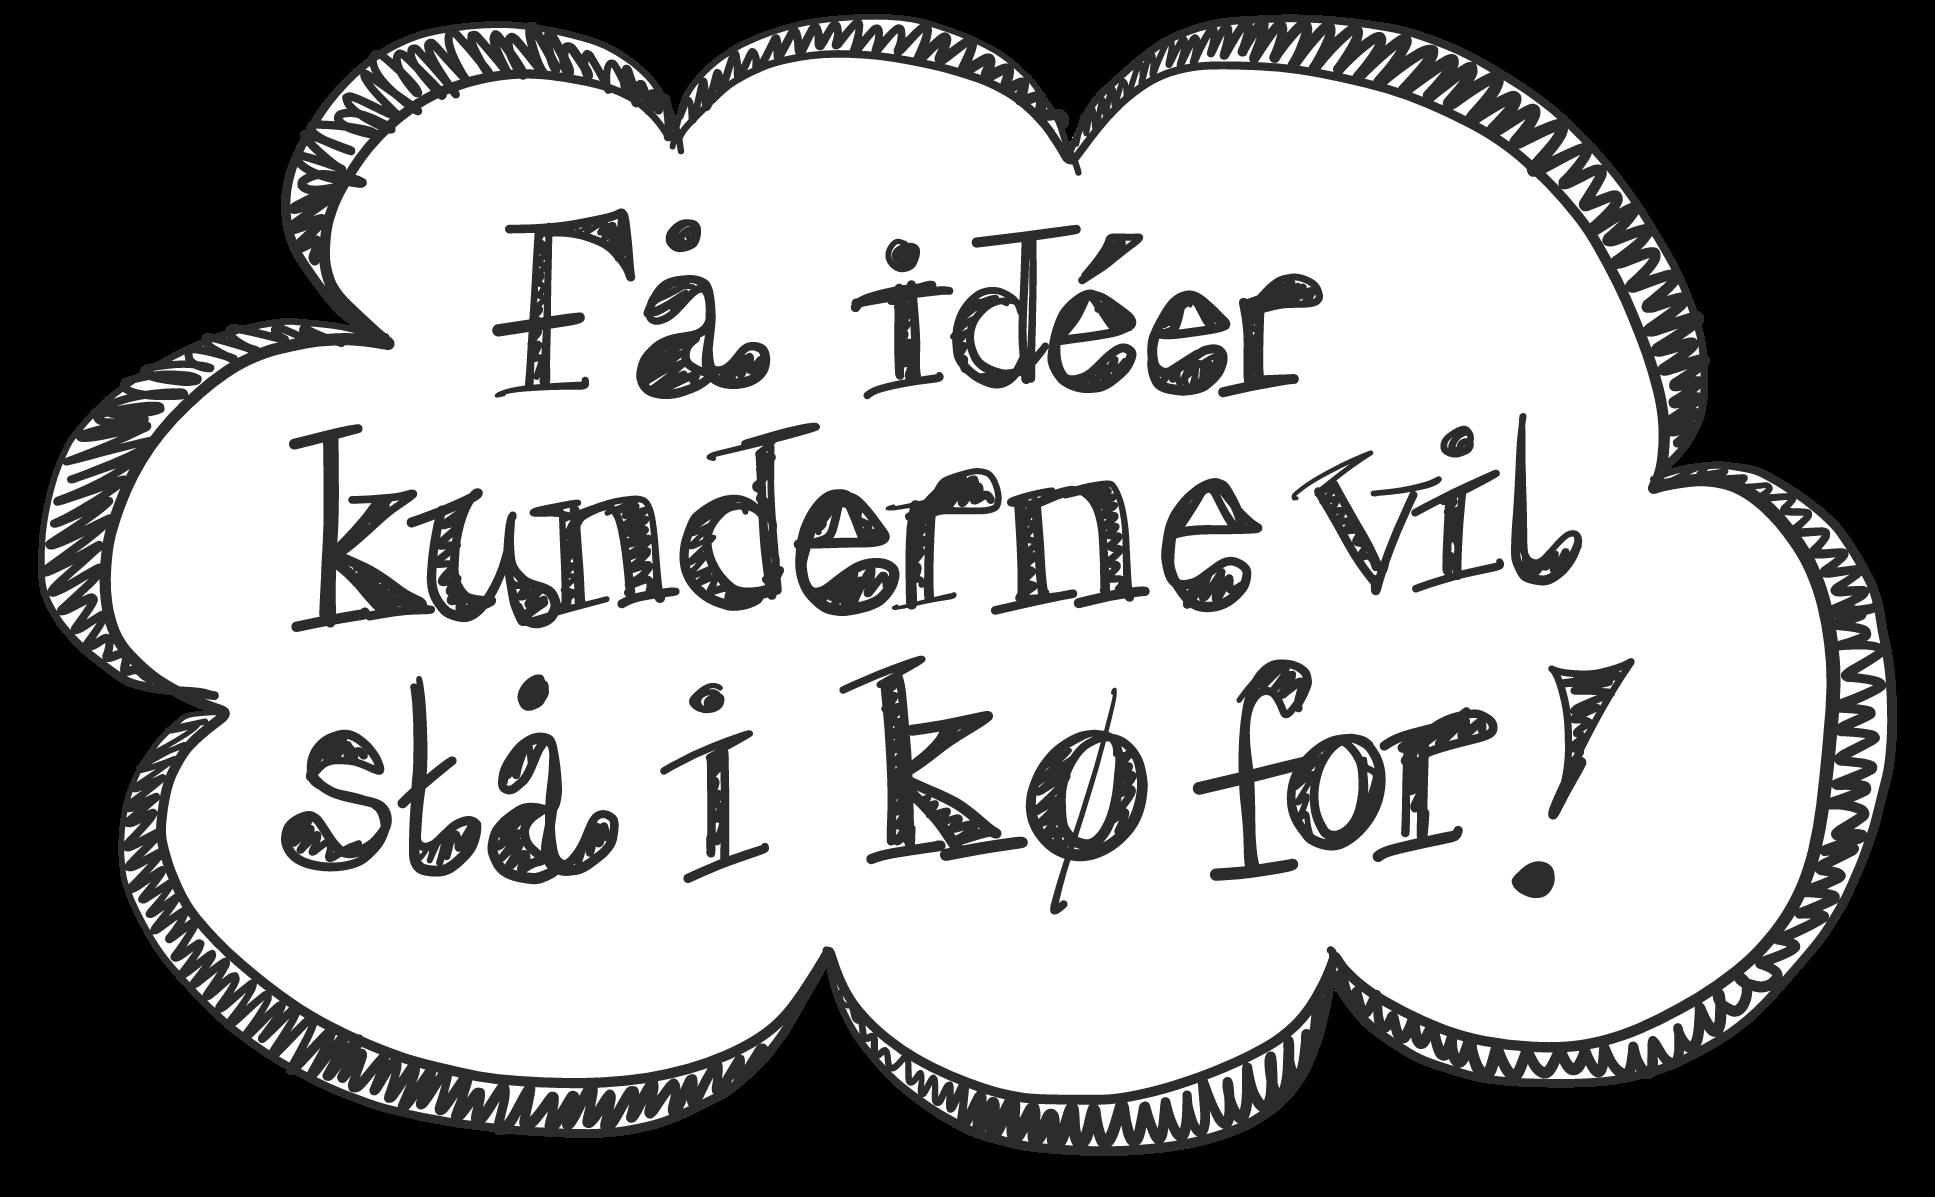 https://skindstad.dk/wp-content/uploads/2019/03/Få_ideer_kunderne_vil_staa_i_koe_for.png